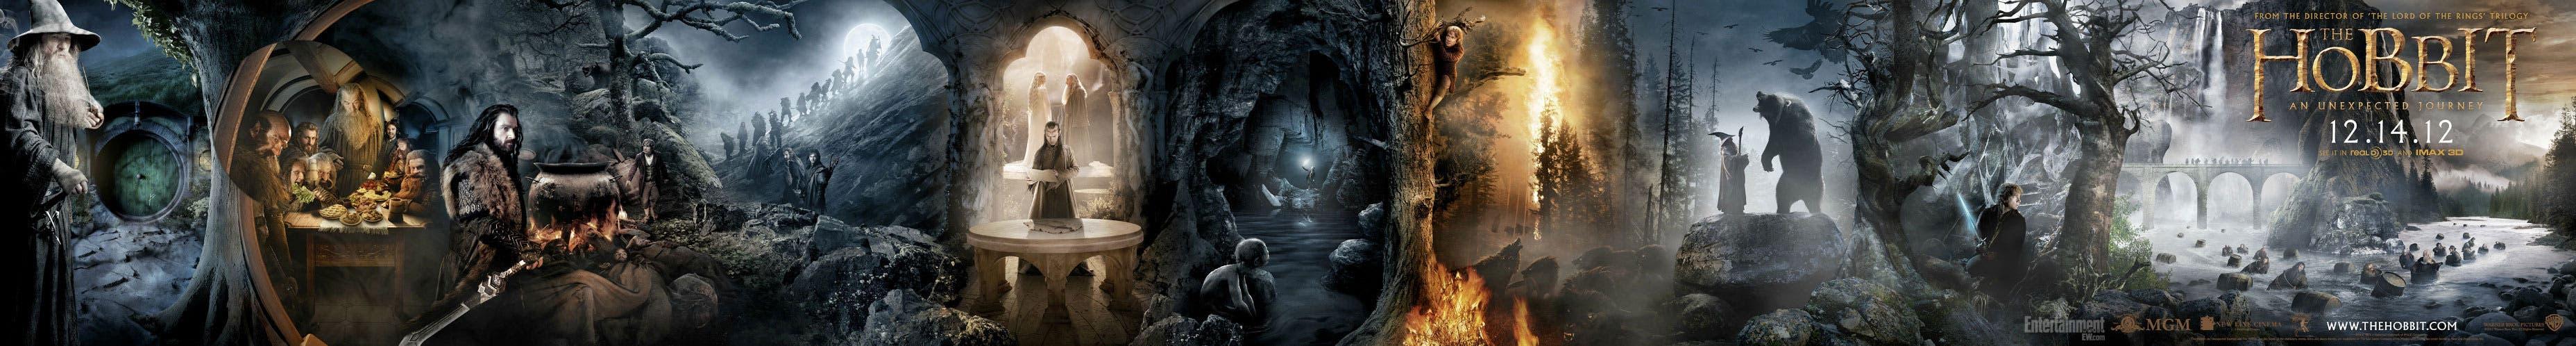 Banner de The Hobbit